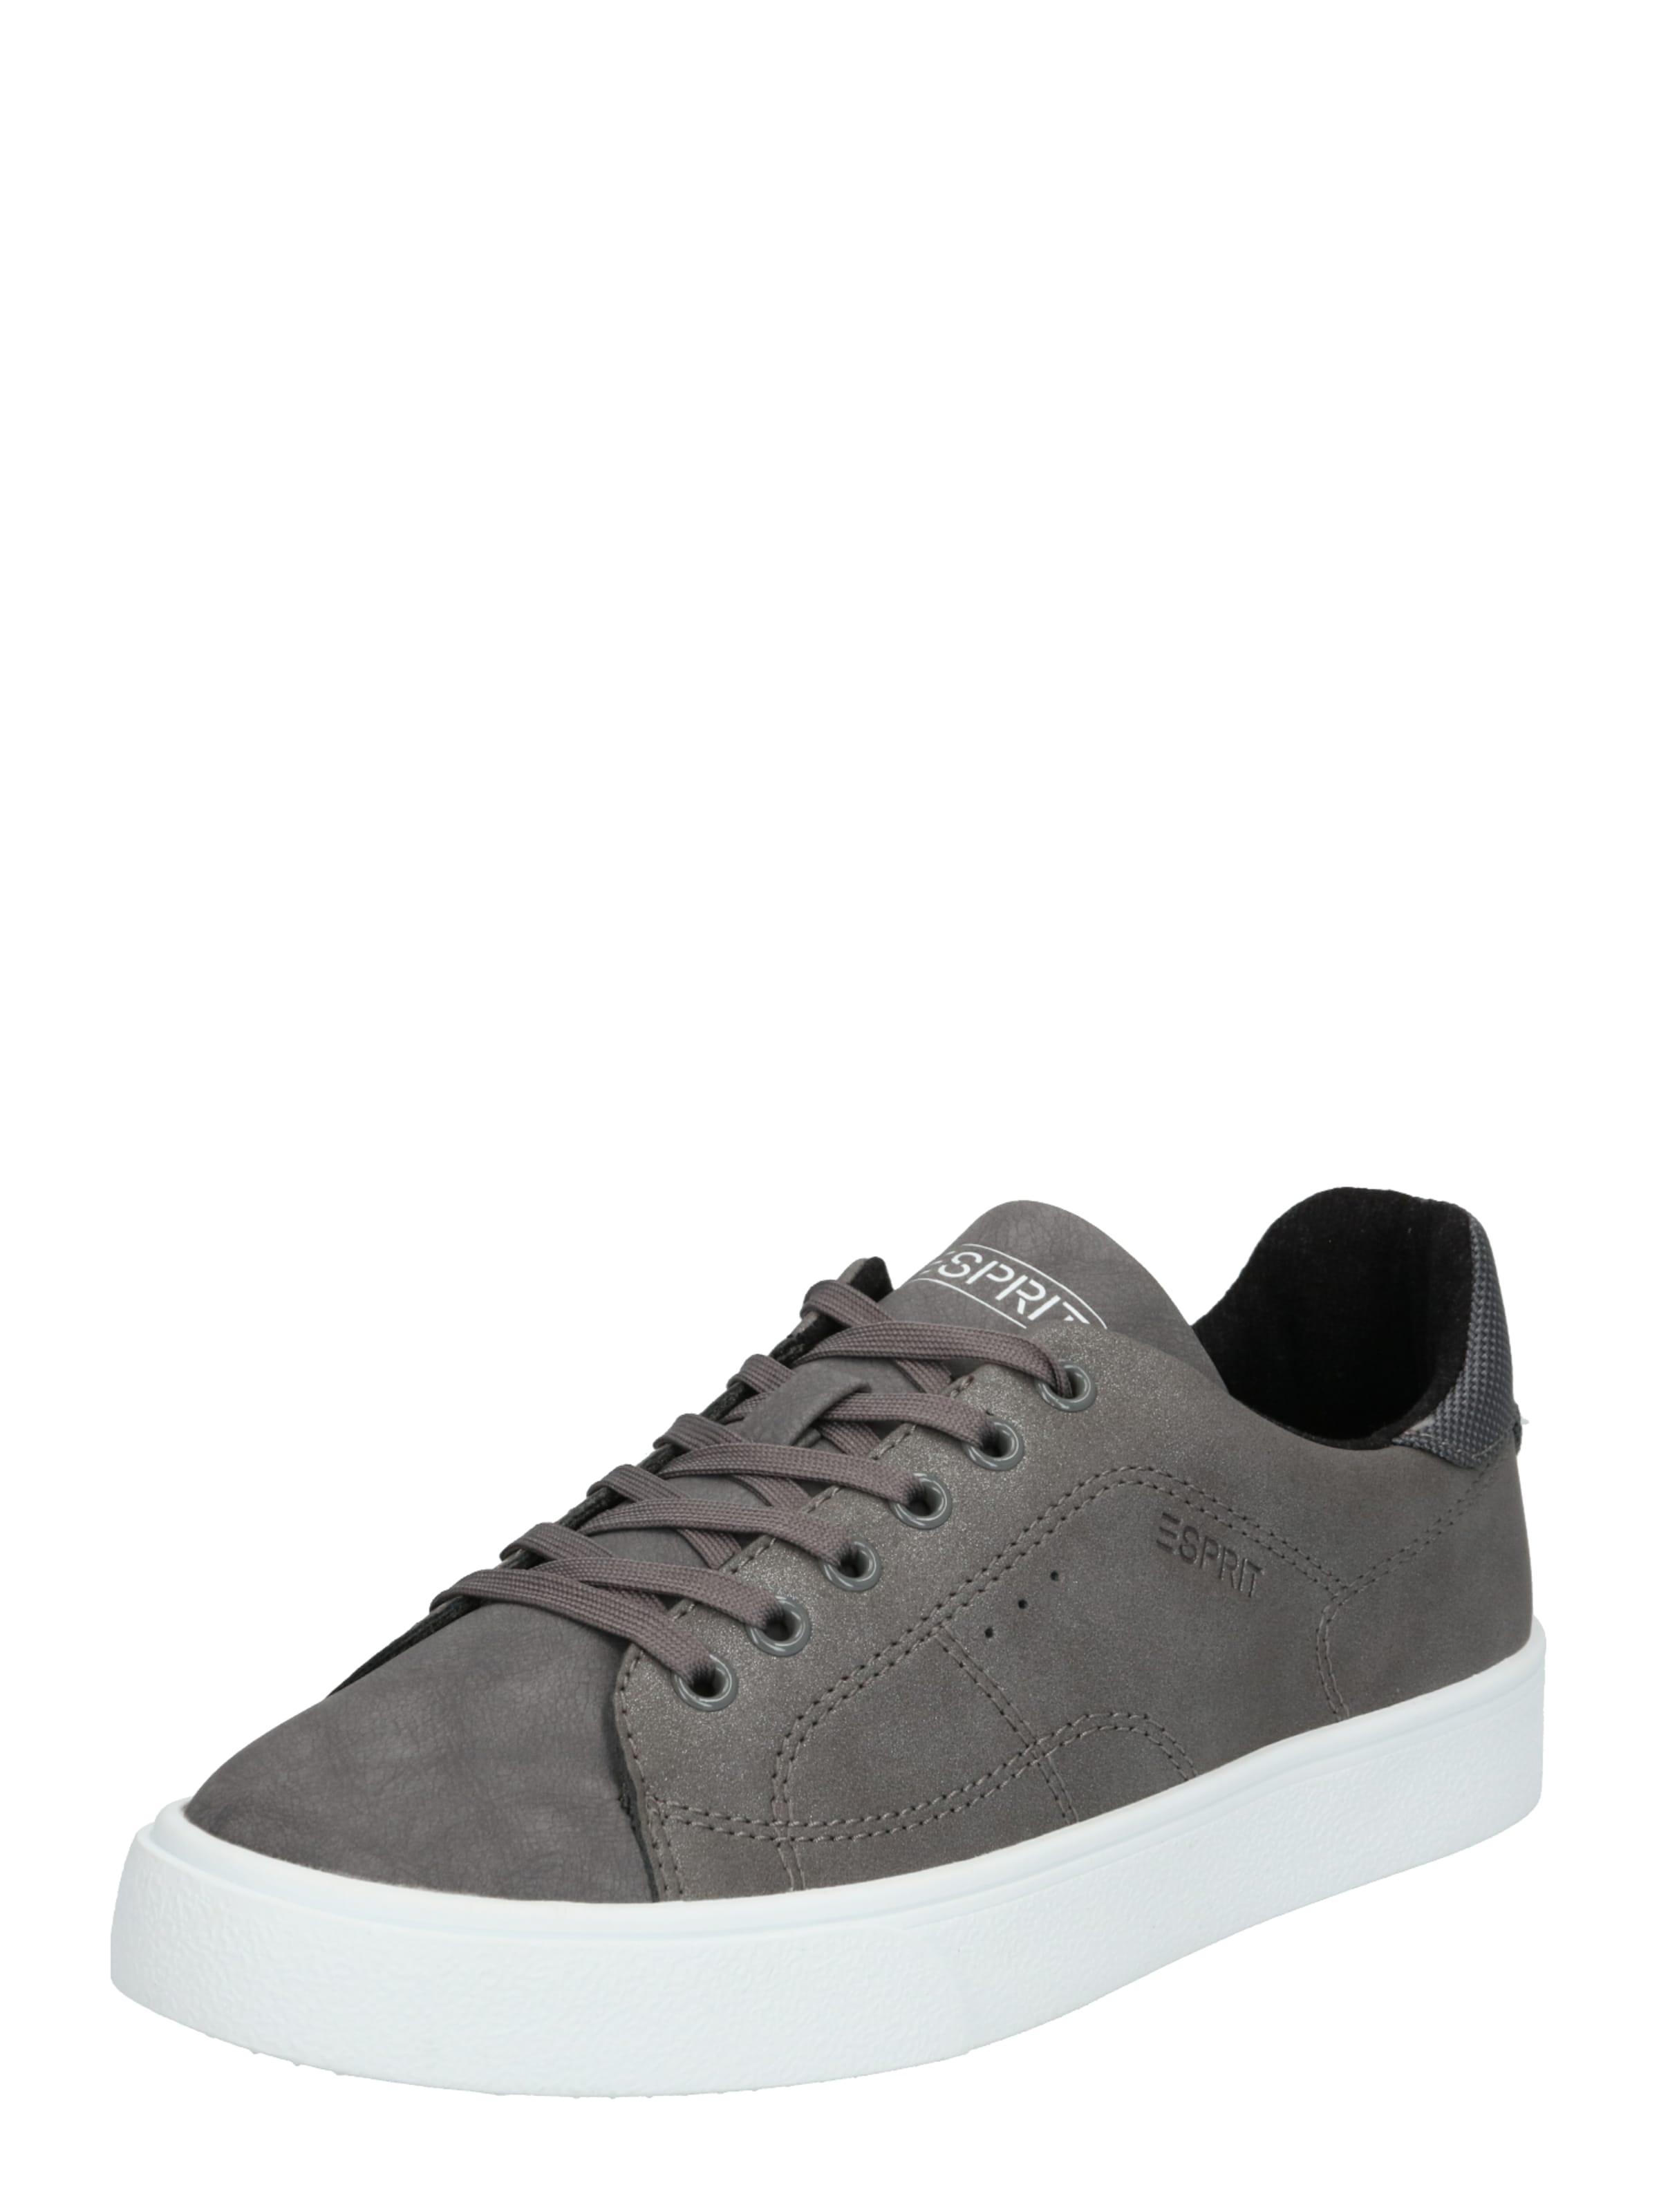 ' 'cherry Sneaker Lu Esprit Grau In c4RjAq35L